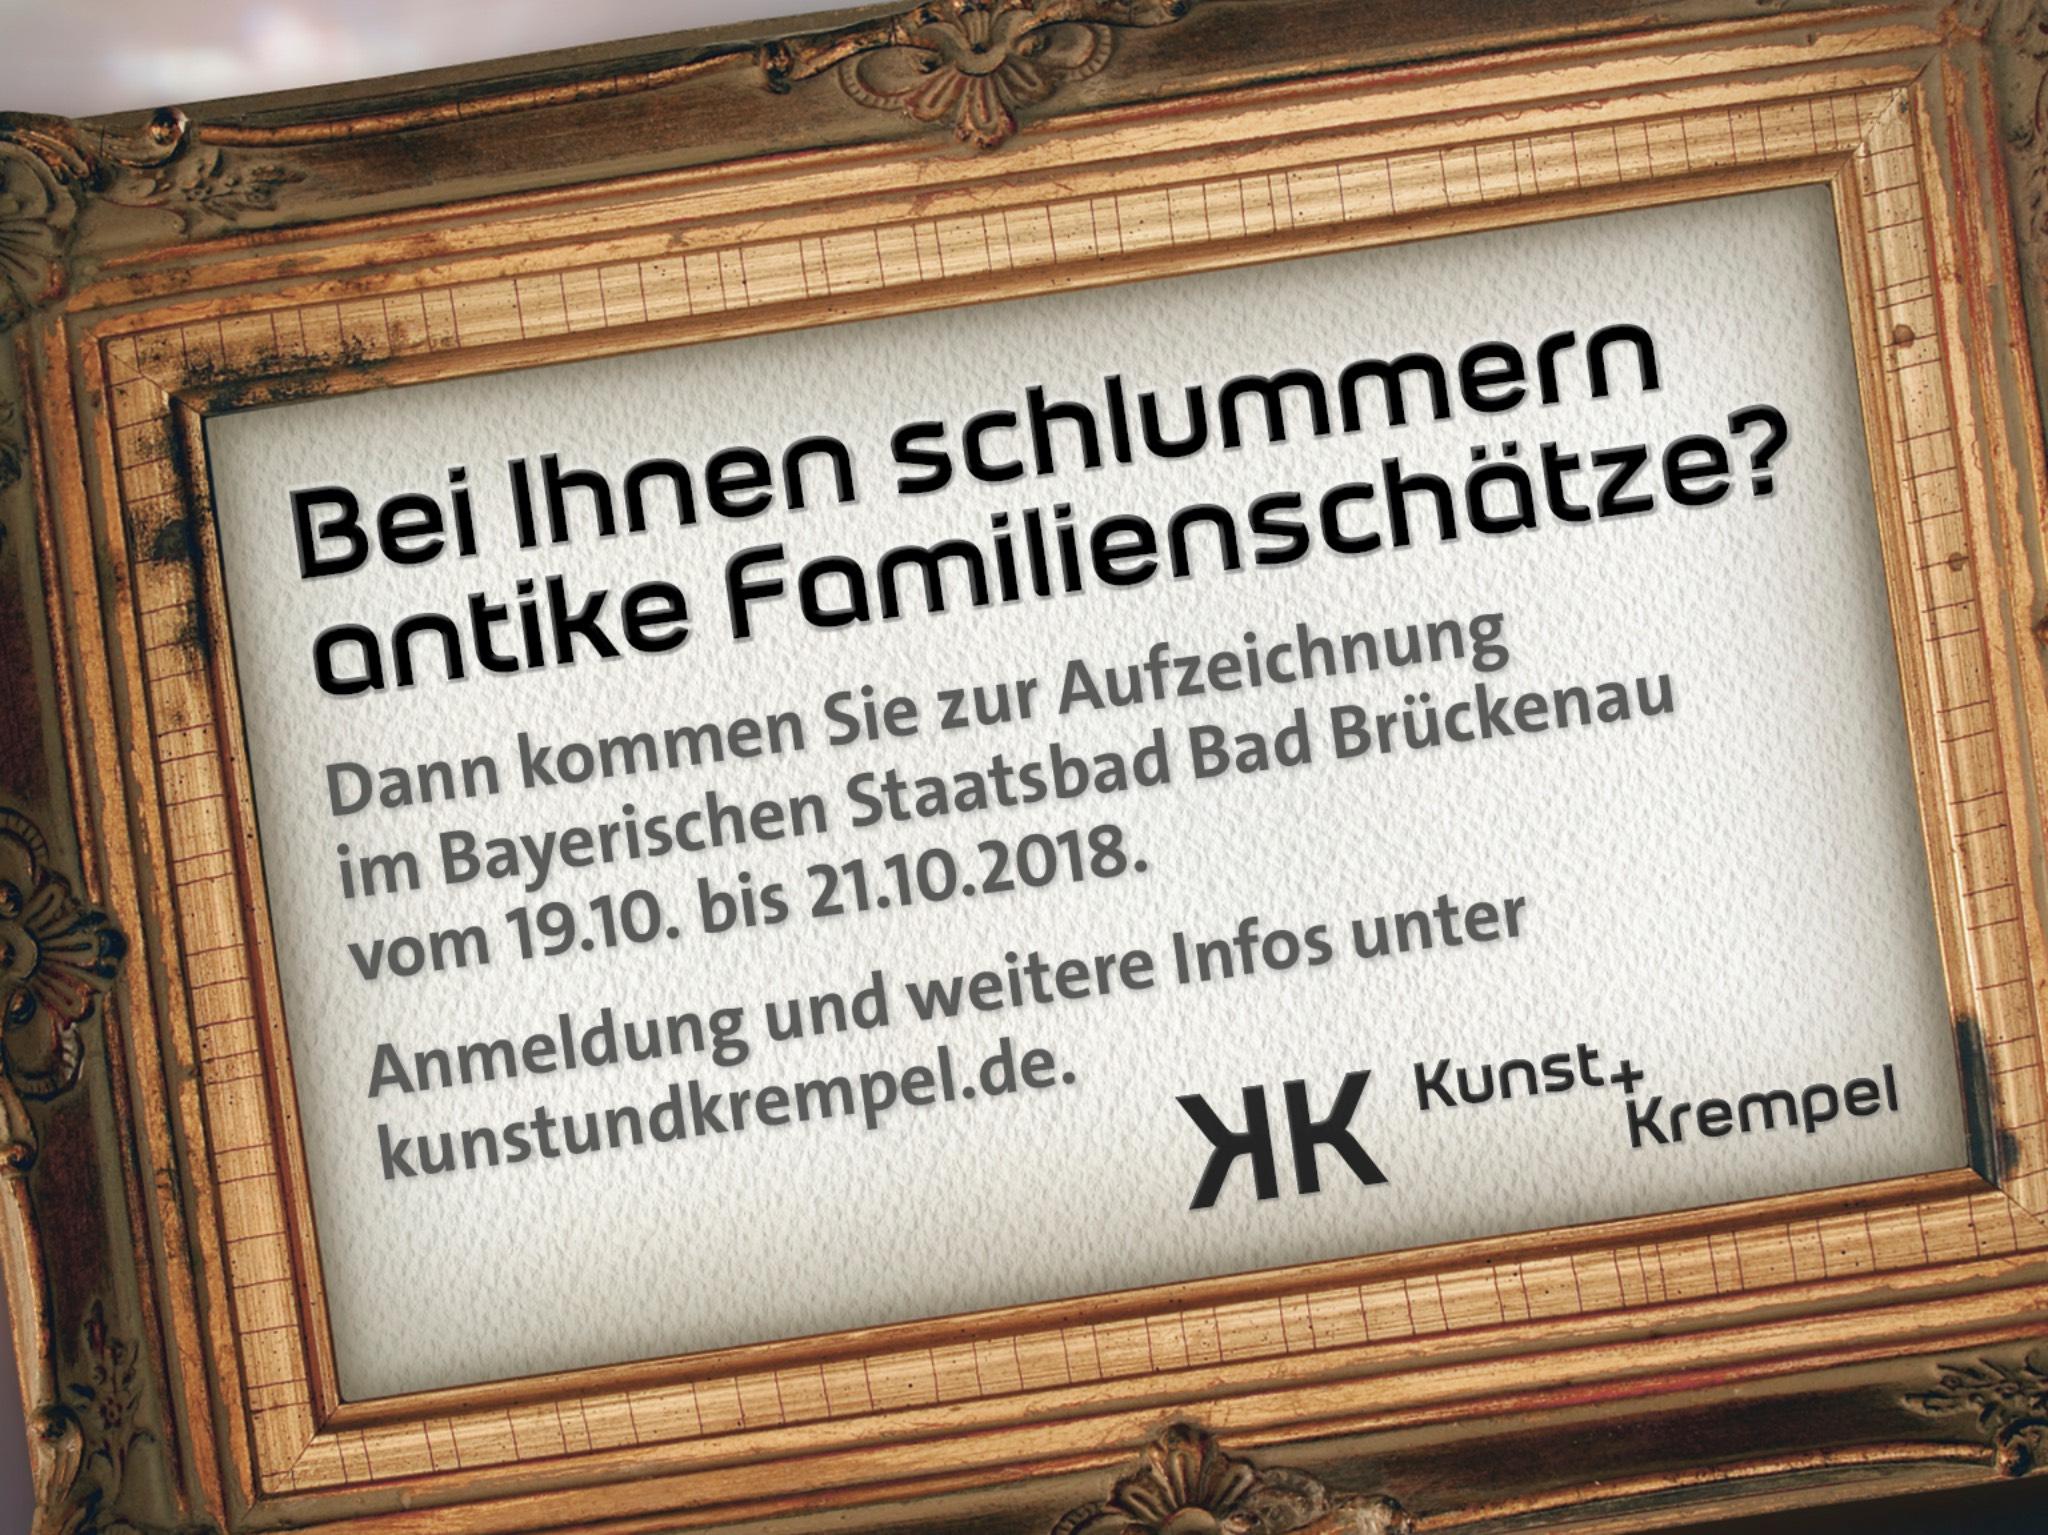 Die Sendung Kunst und Krempel kommt nach Bad Brückenau. Foto: BR